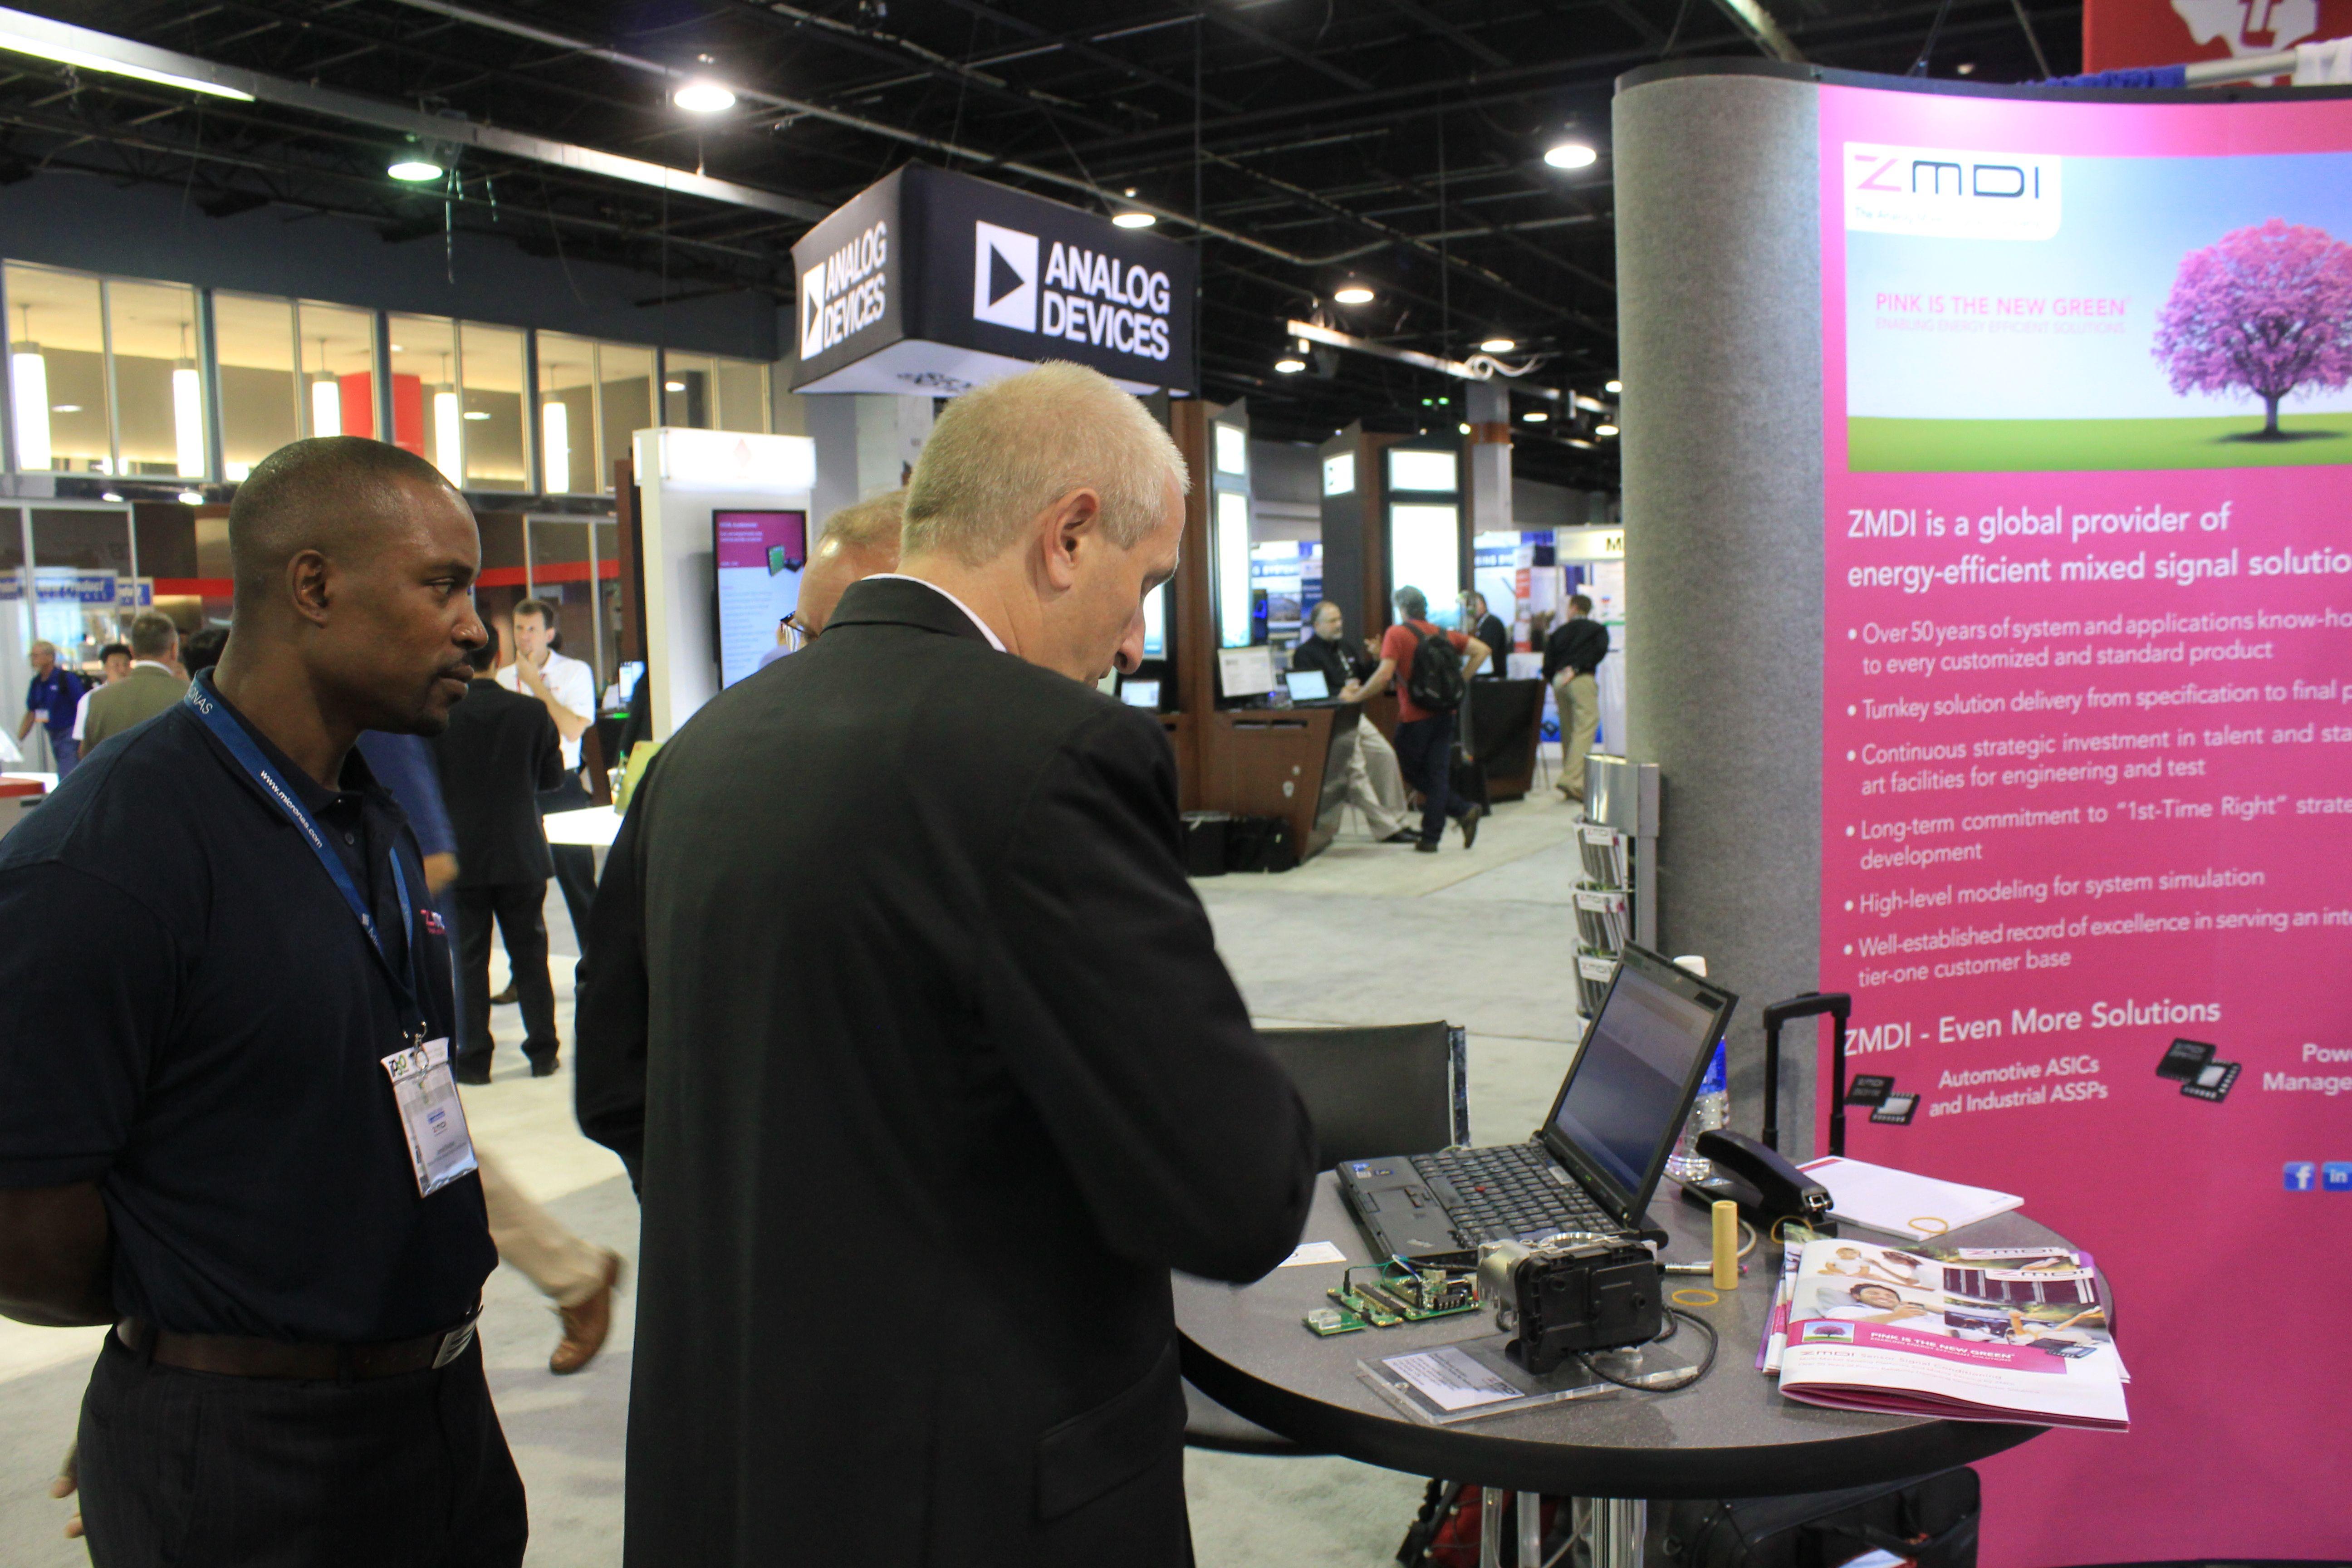 ZMDI Booth at Sensors Expo 2014